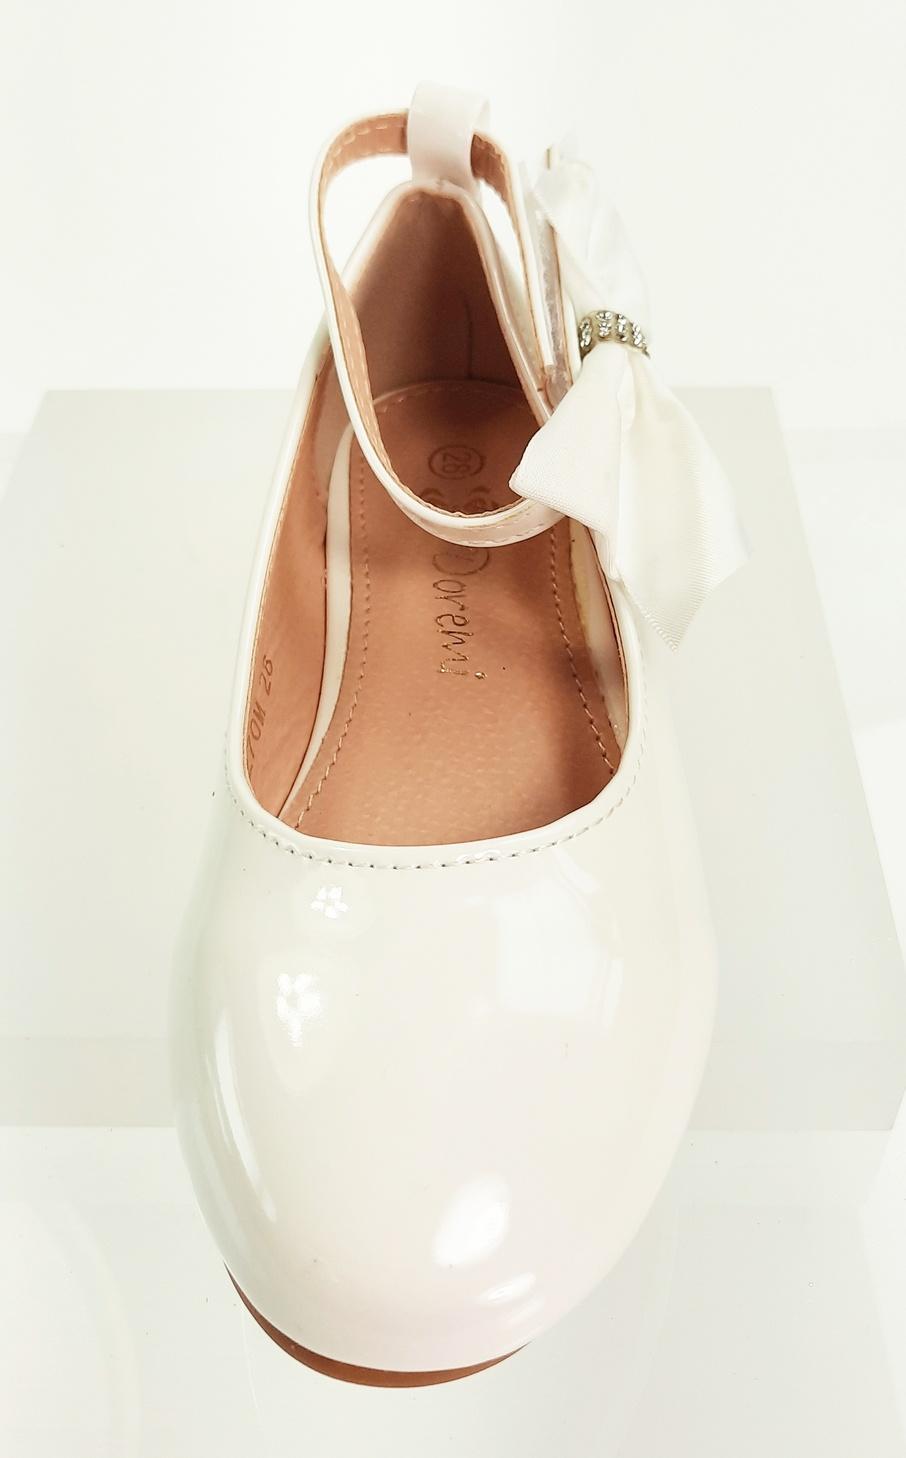 Meisjesschoenen Meisjesschoen - Ballerina's - lak - strik - wit